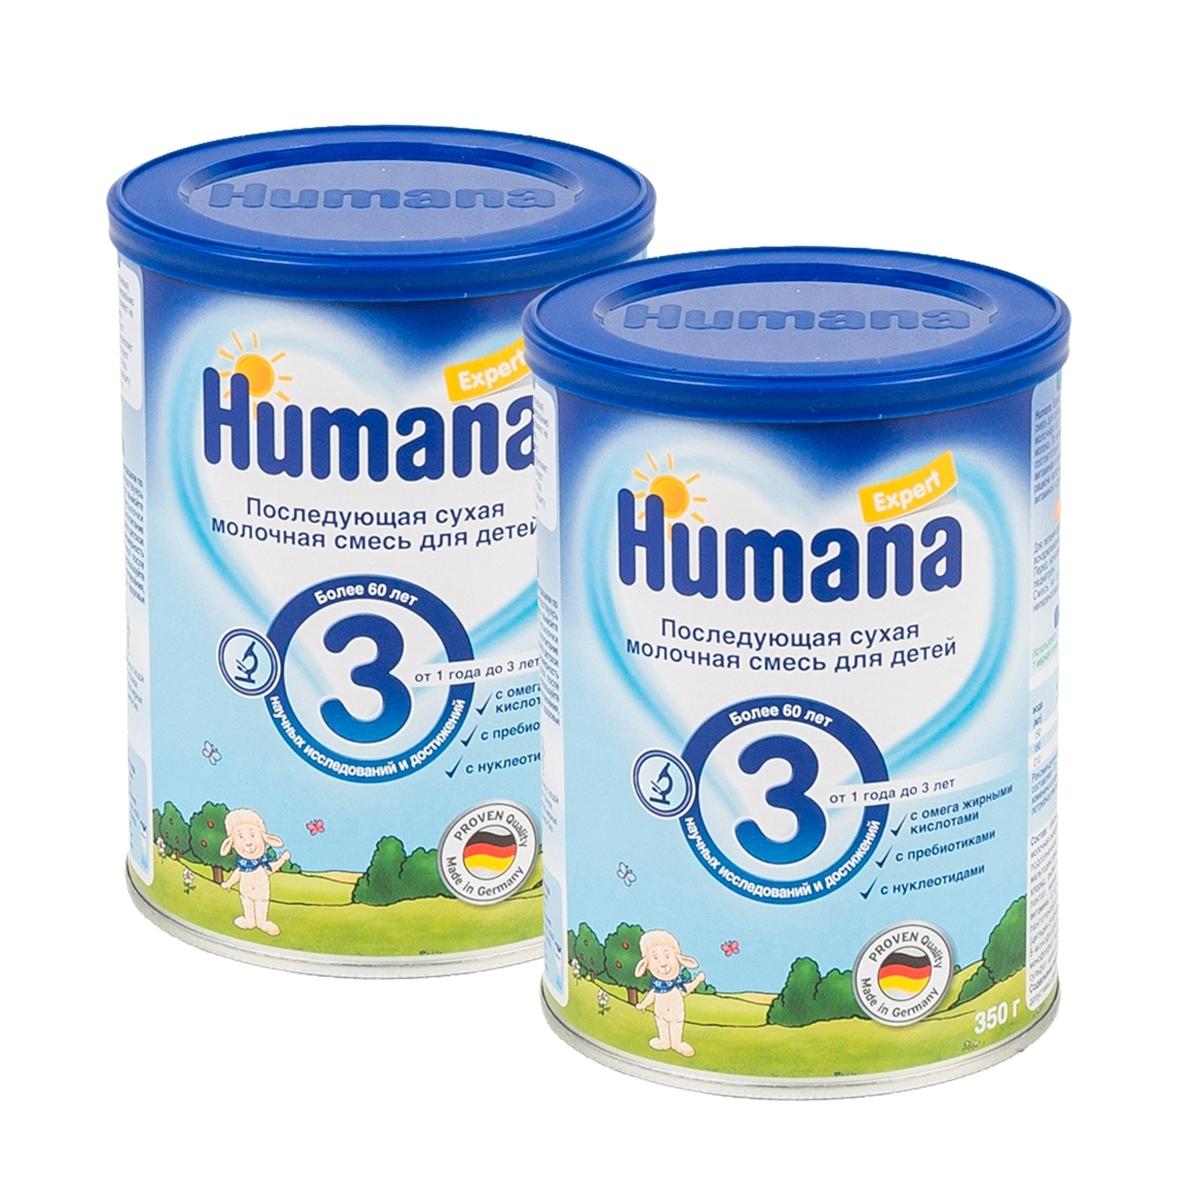 ����� ���������� Humana Expert 350 �� * 2 �� �3 (� 12 ���)